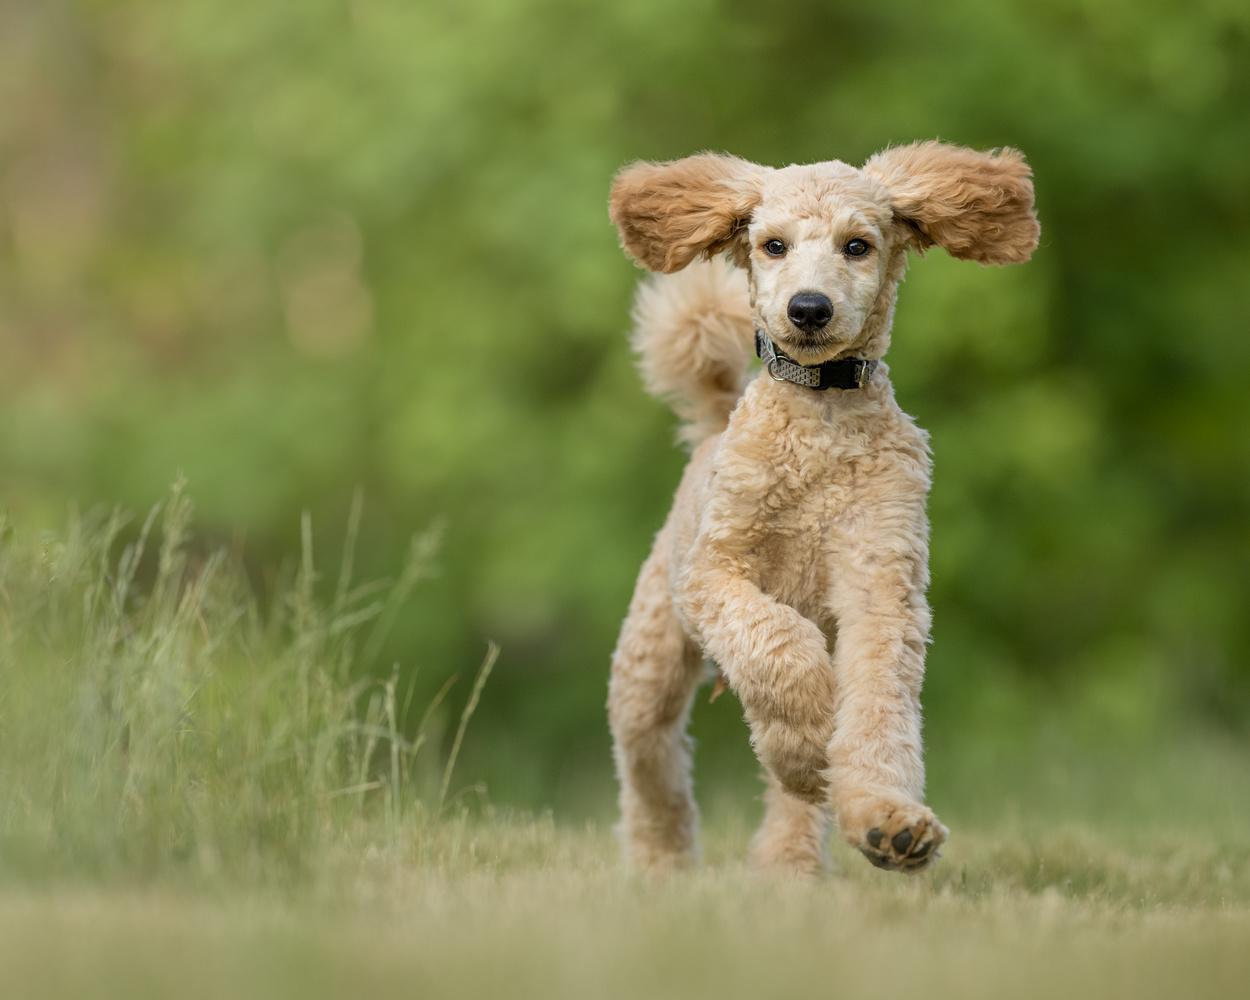 Poodle by Skyler Ewing